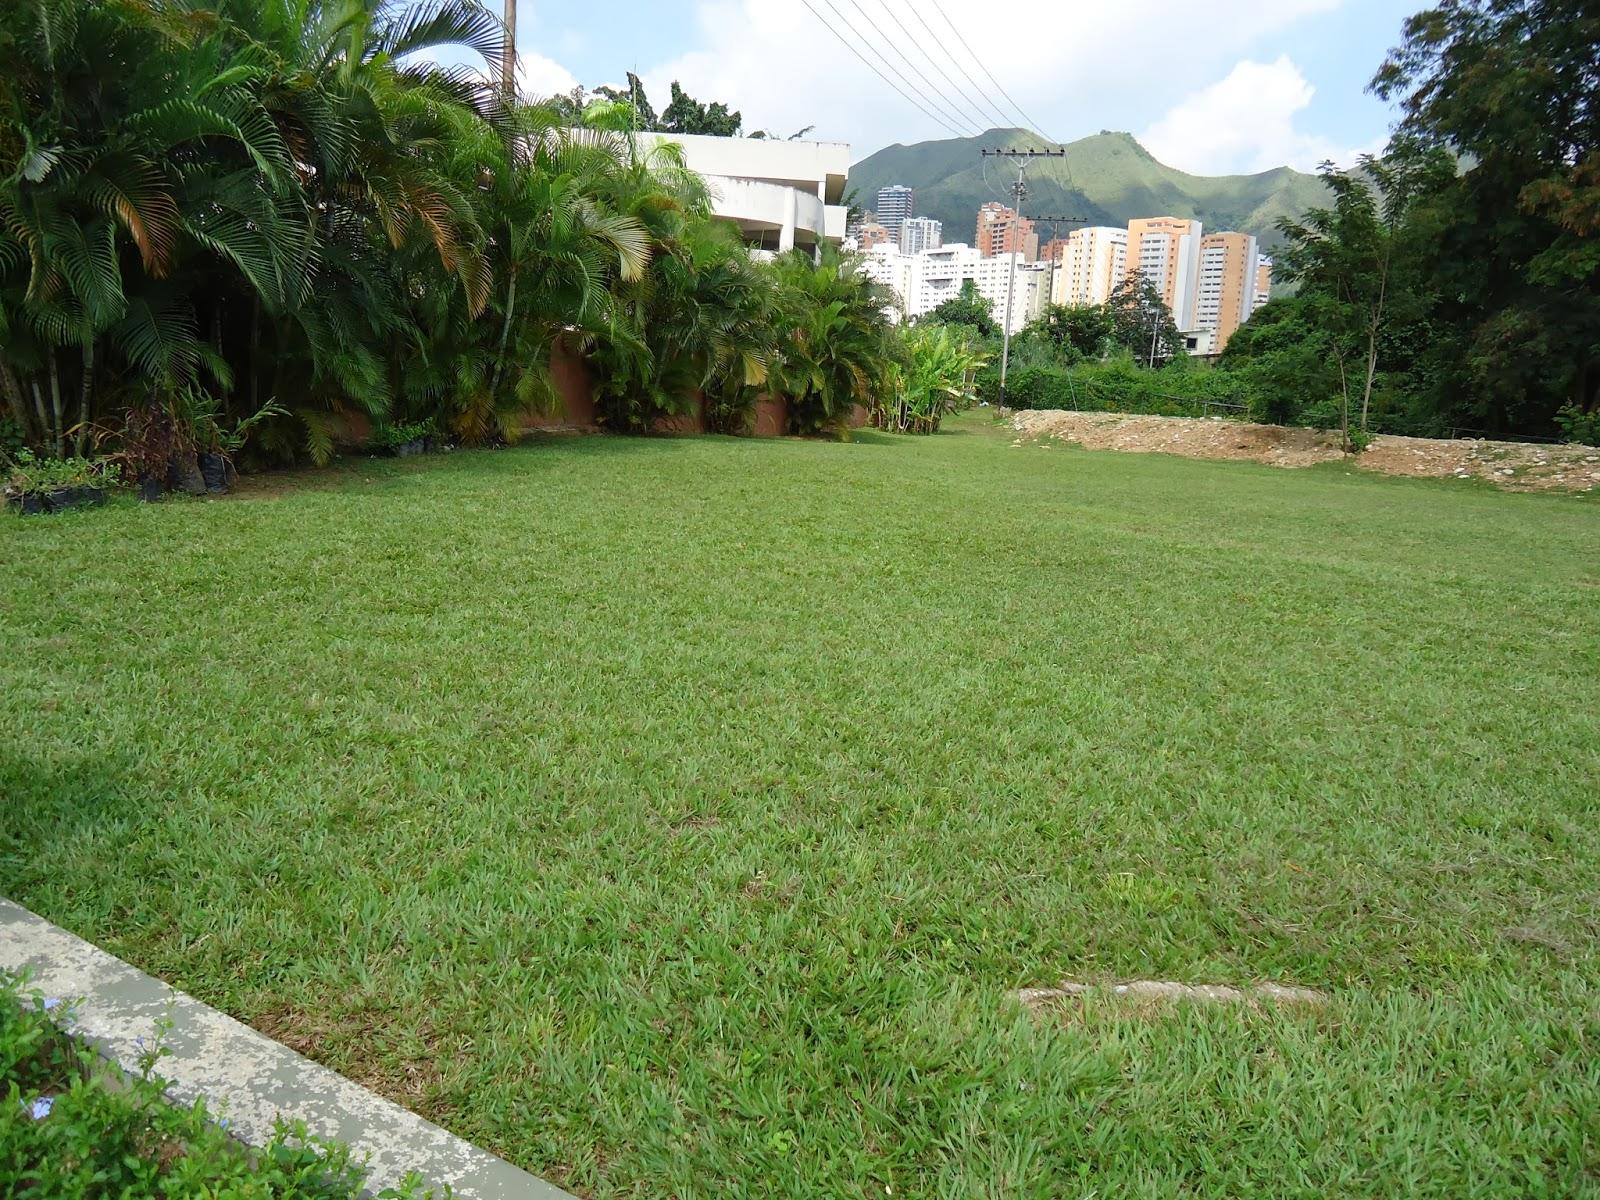 Jard n bamb c a asociaci n de ejecutivos del estado for Jardin bambu